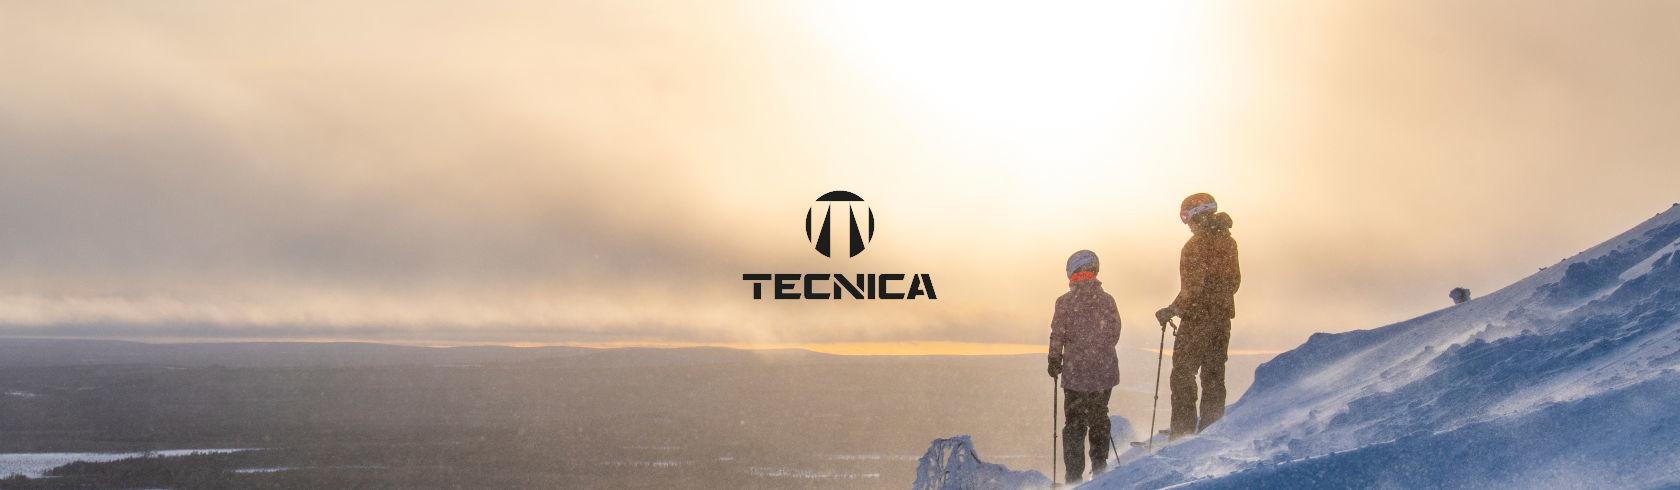 Tecnica brand logo